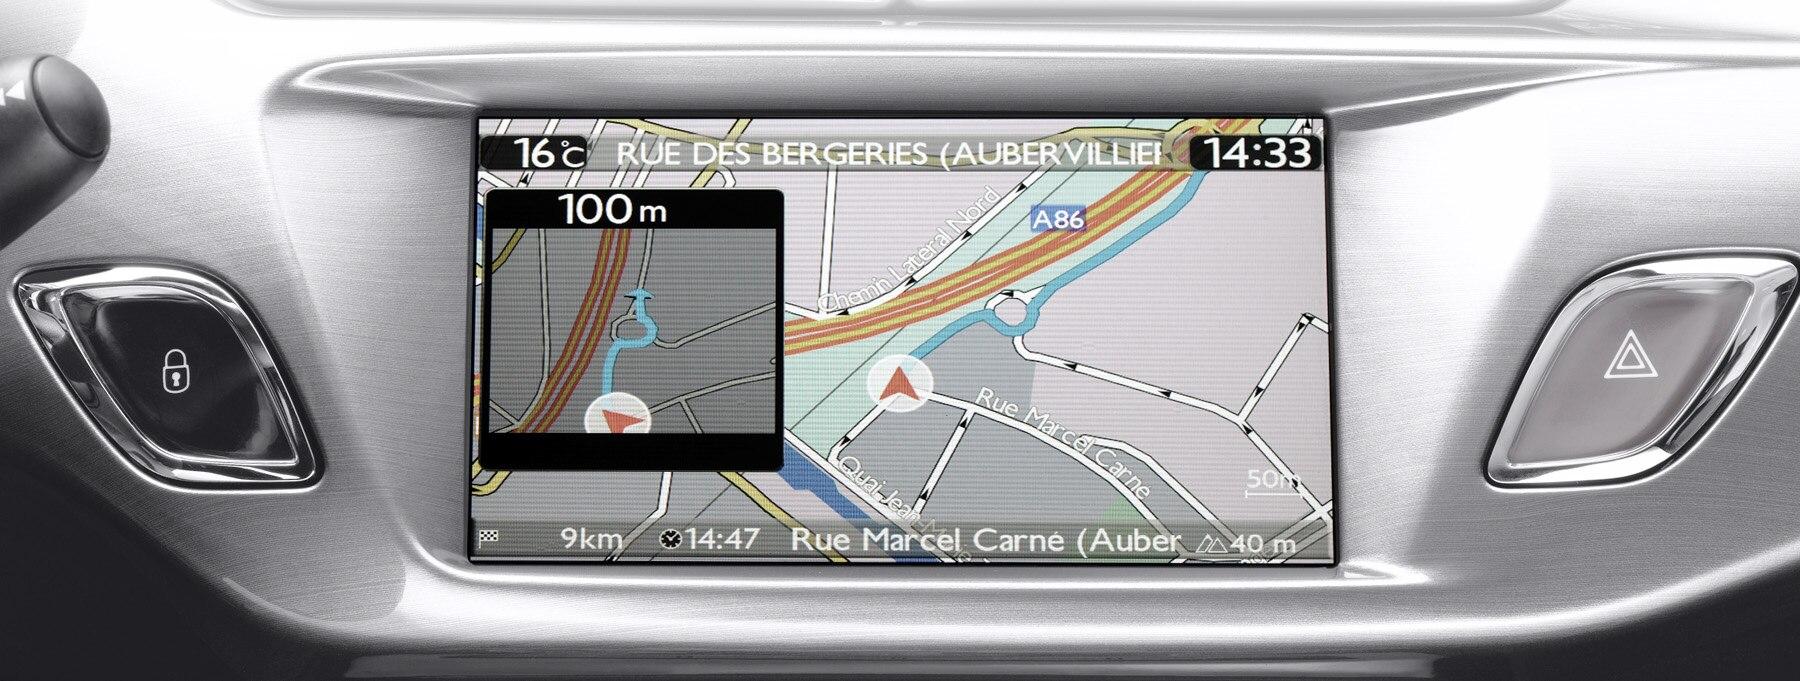 Les systèmes de navigation Citroën